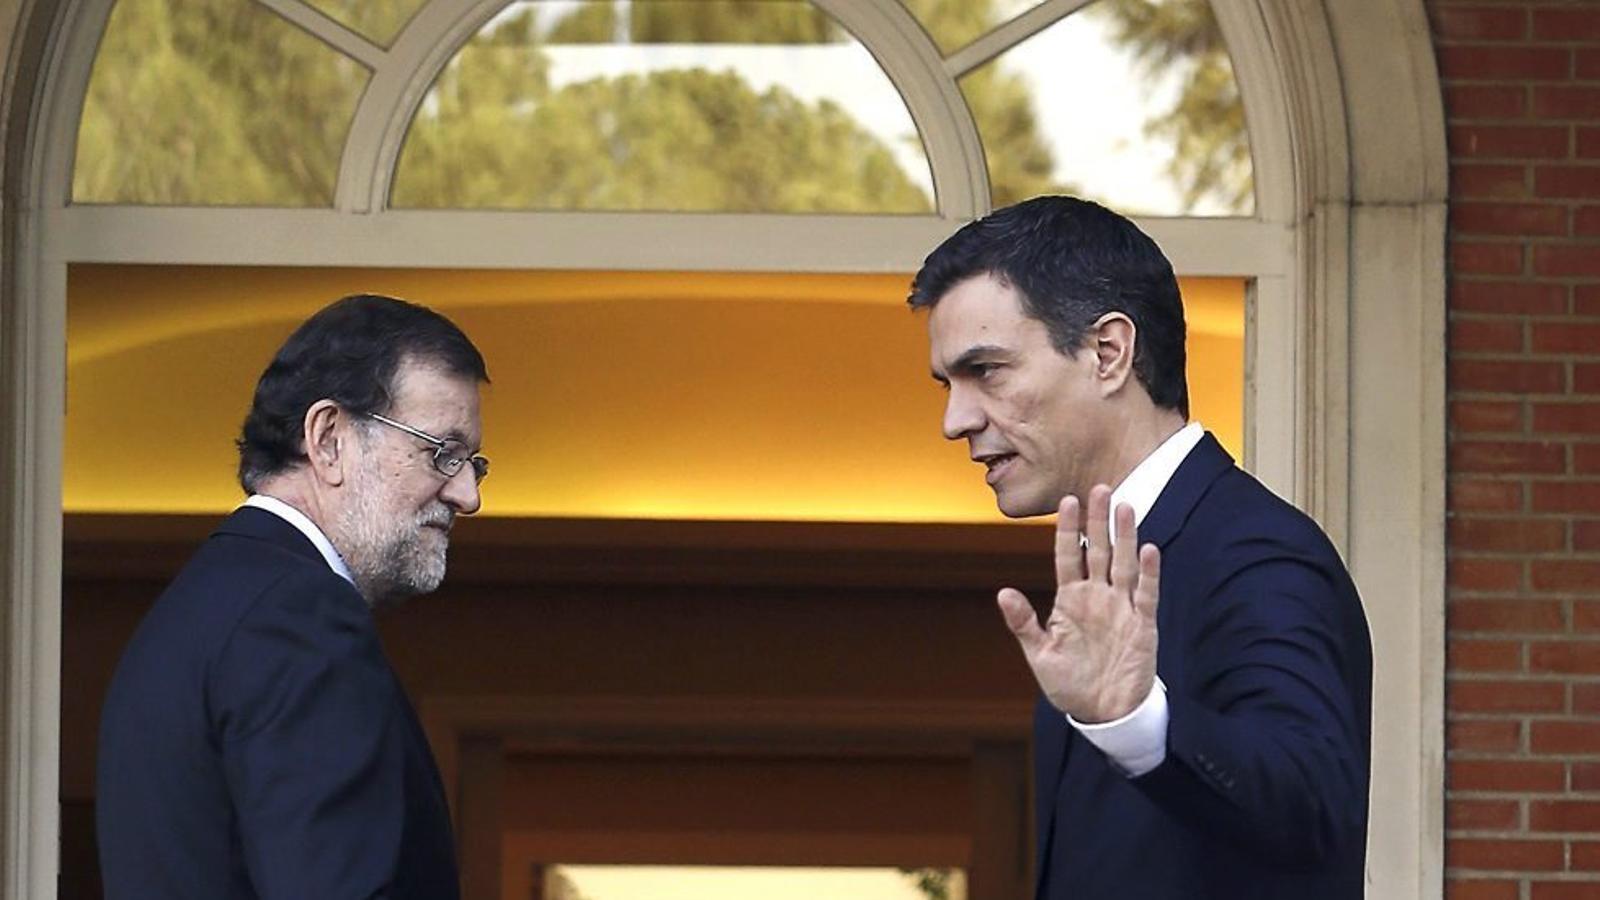 El president del govern espanyol en funcions, Mariano Rajoy, i el líder del PSOE, Pedro Sánchez, en una trobada mantinguda el desembre passat a la Moncloa. Els resultats d'aquest 26-J dictaran el seu futur polític.